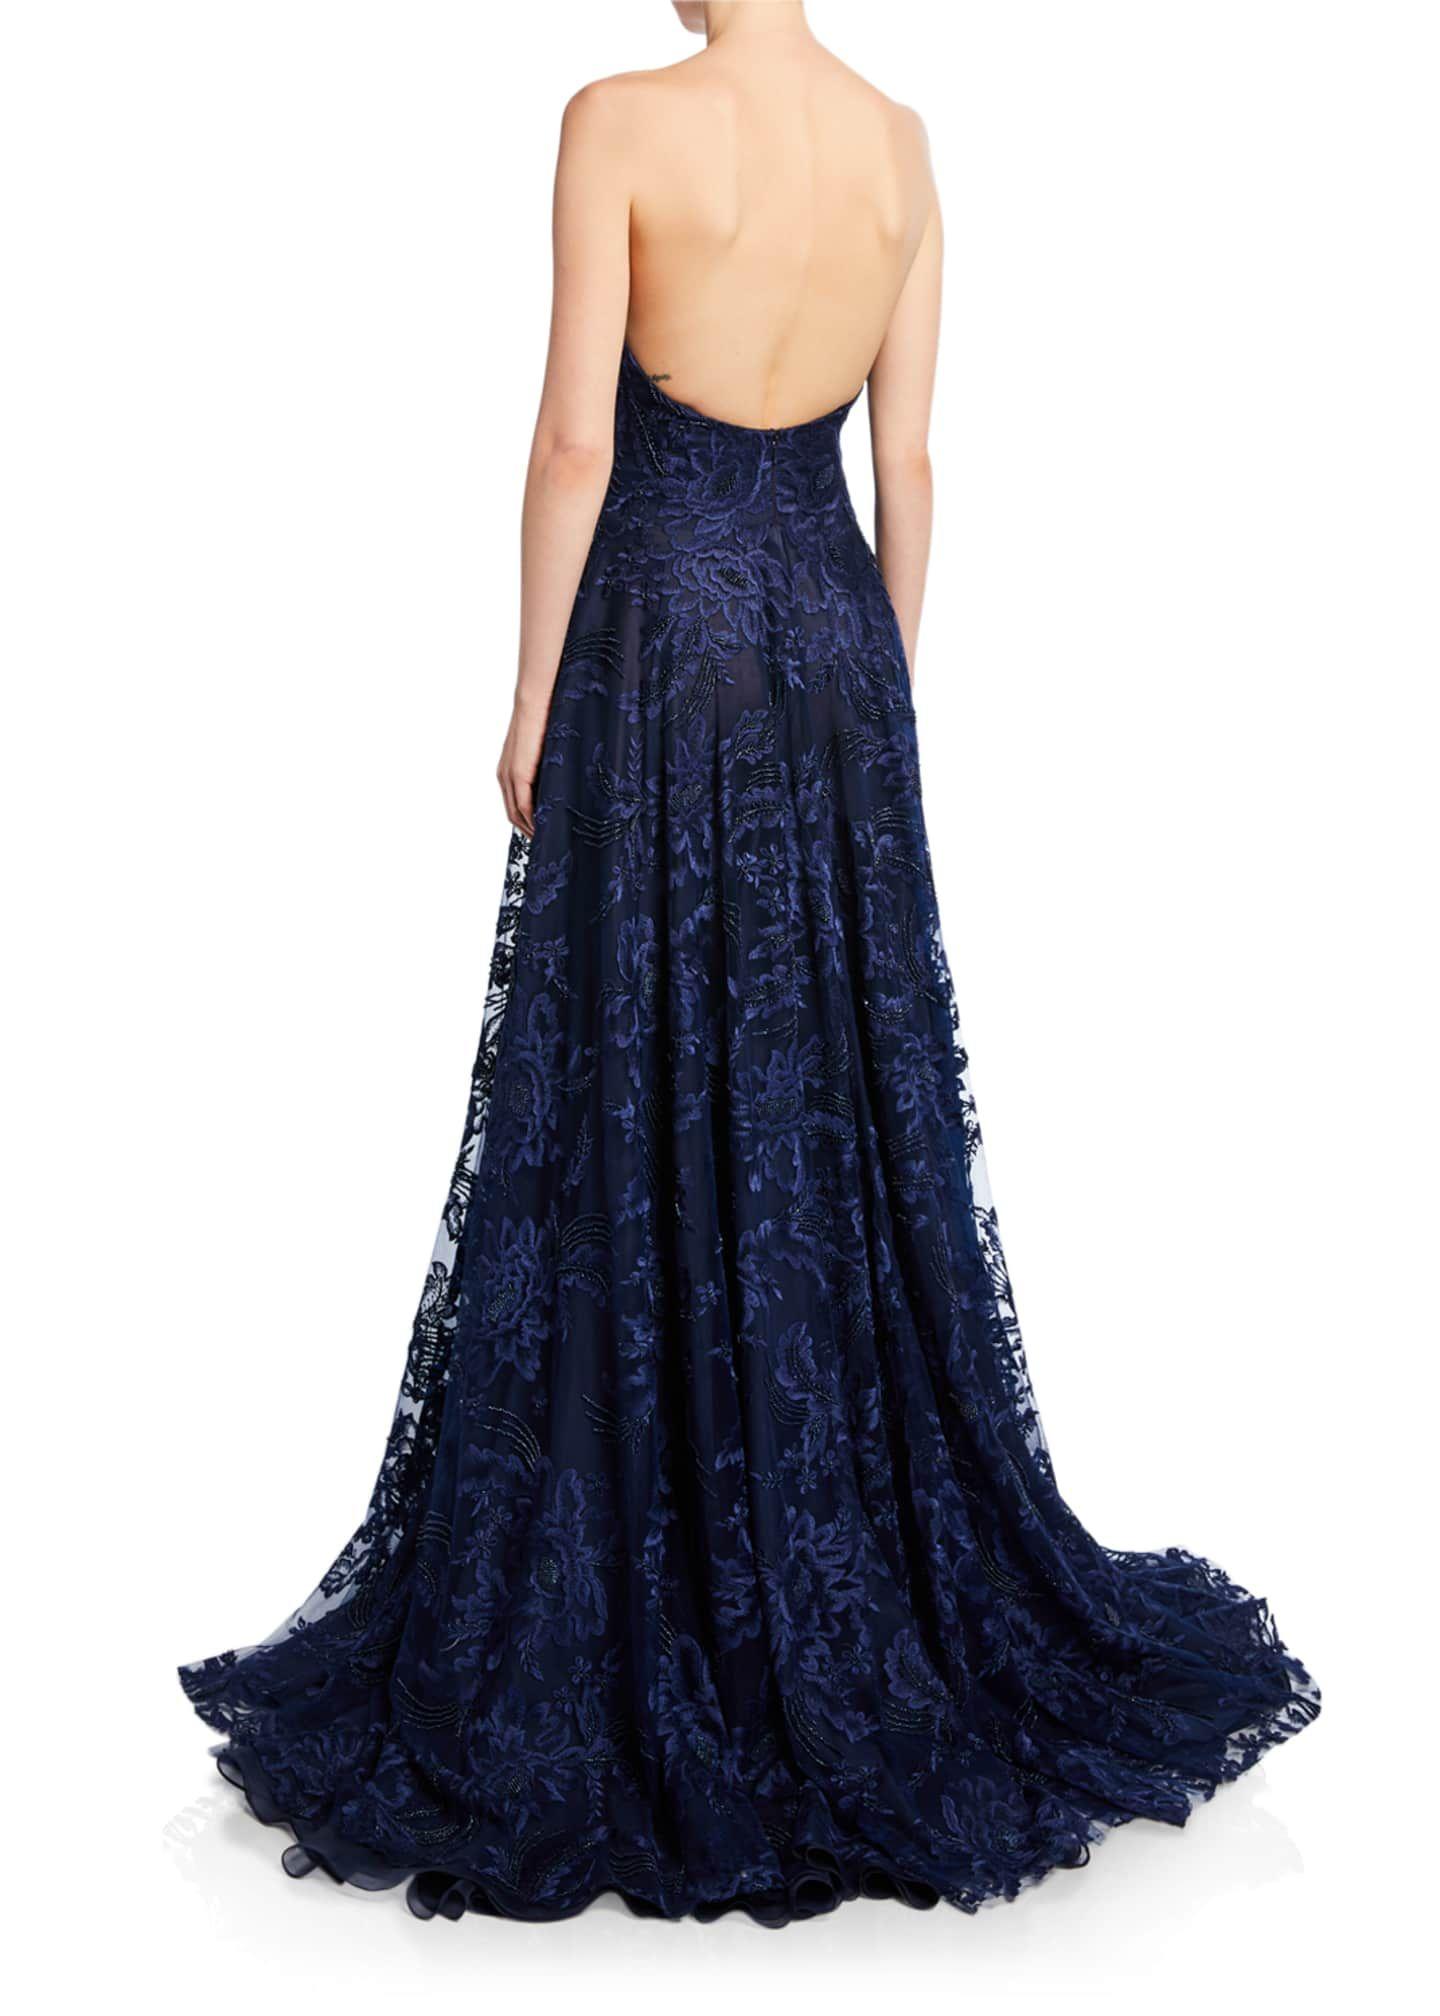 Naeem Khan Strapless Sweetheart Neck Gown Bergdorf Goodman Backless Dress Formal Gowns Ball Gowns [ 2016 x 1440 Pixel ]